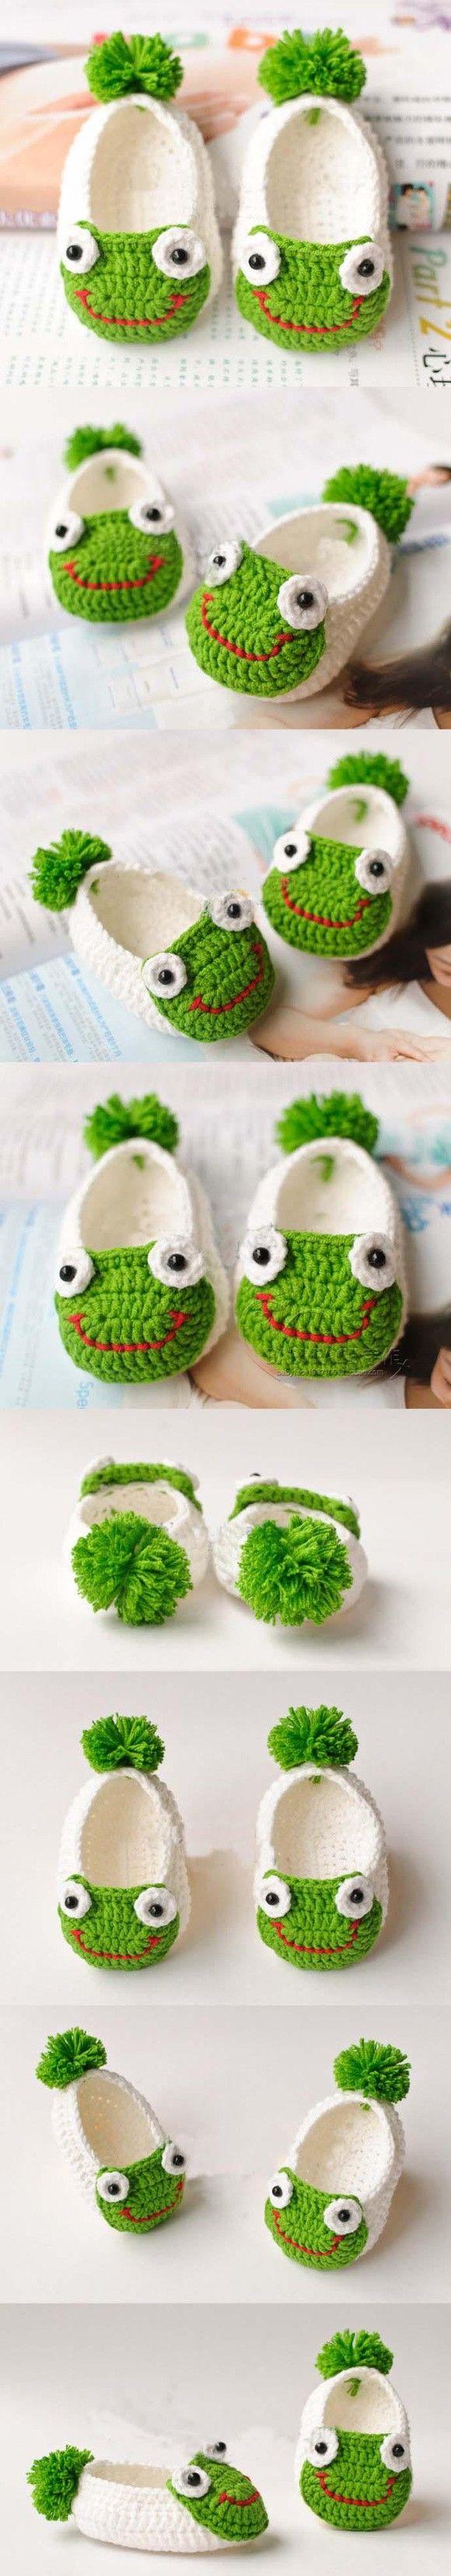 钩针baby frog sleepers